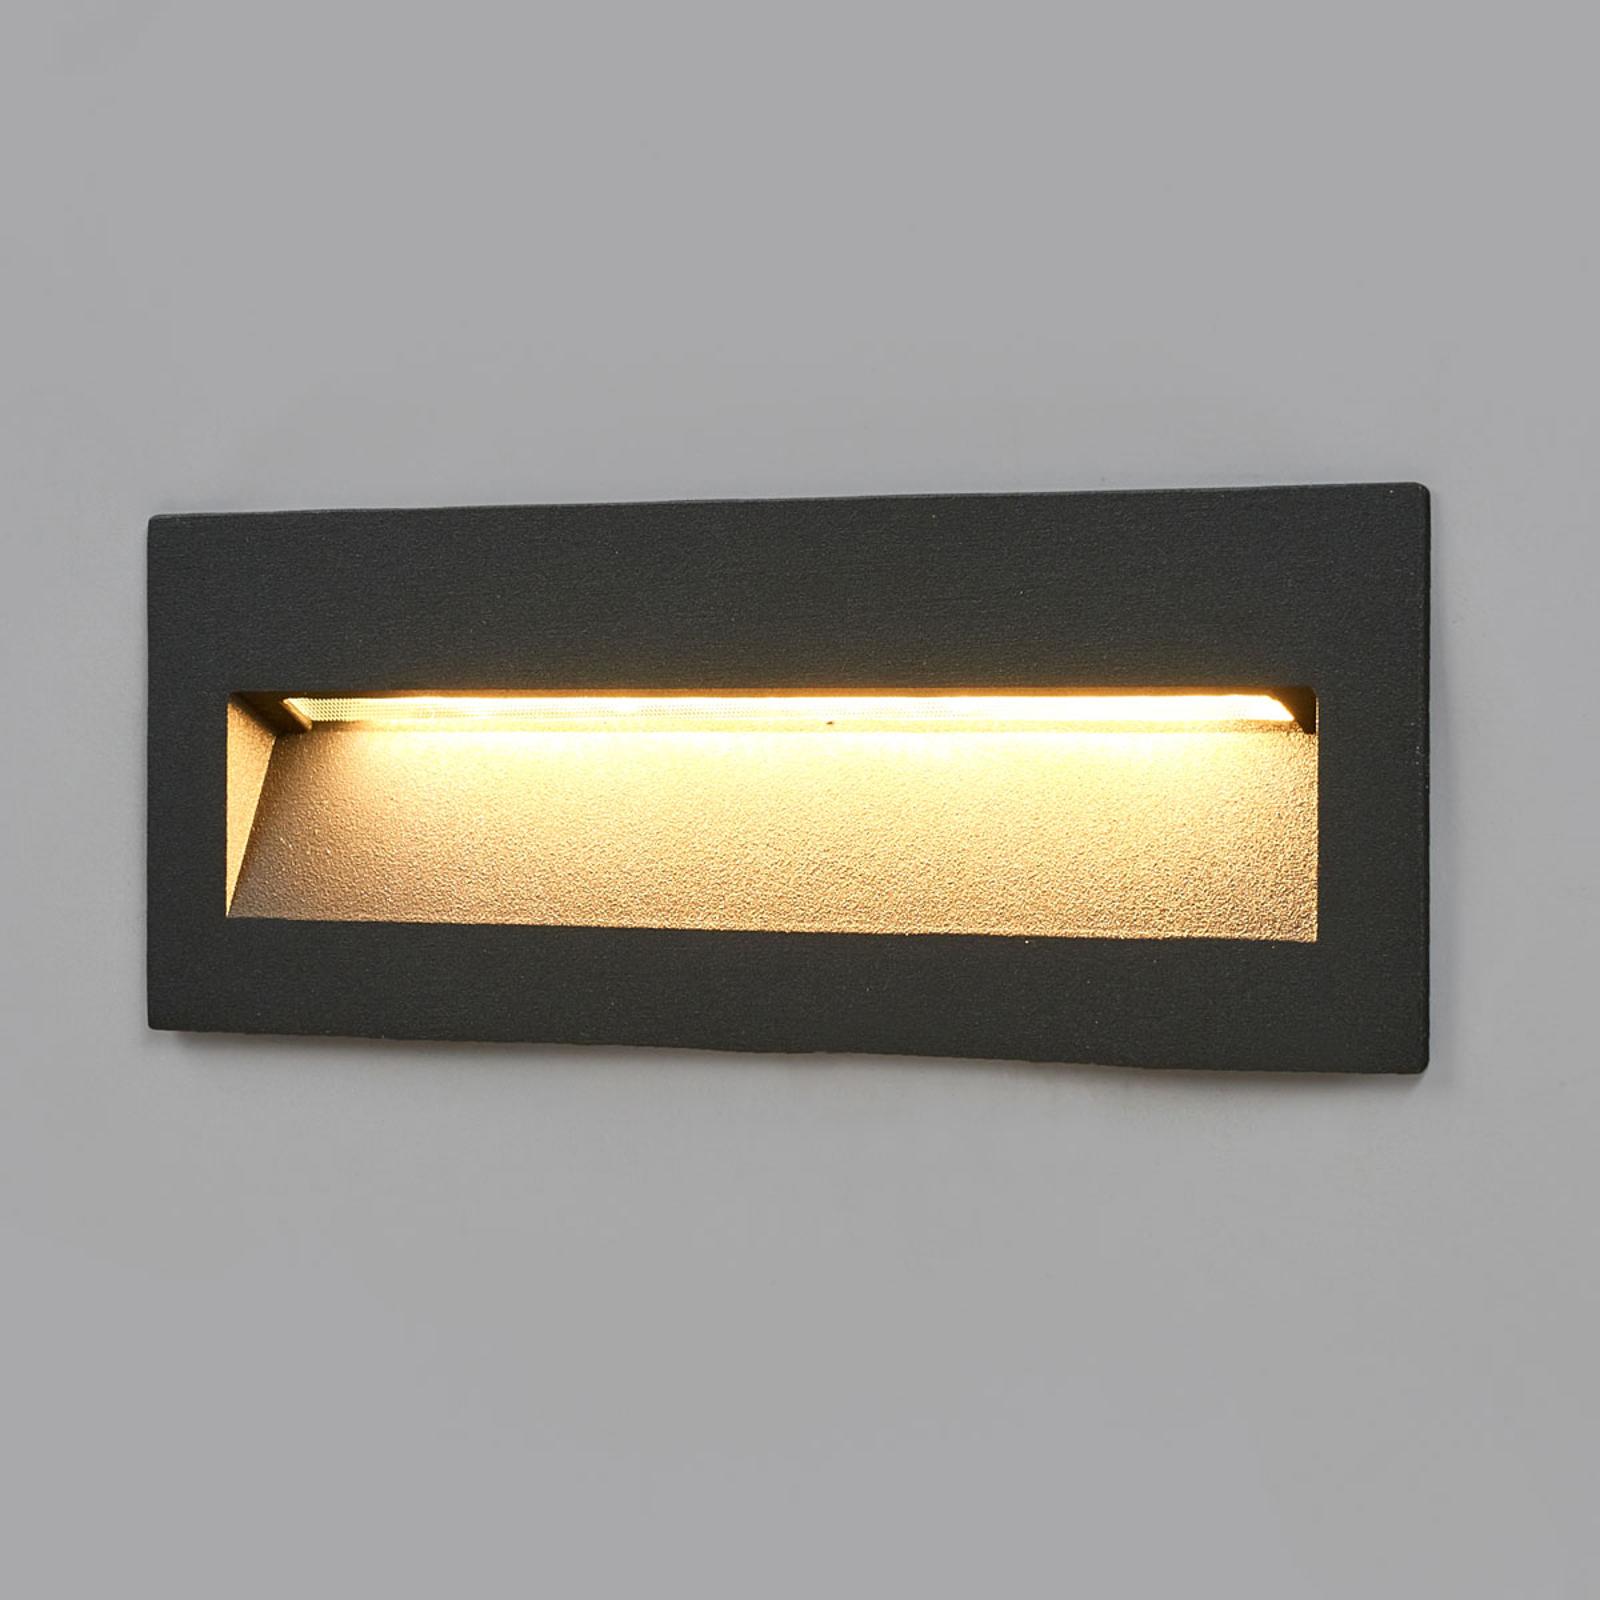 Dunkle LED-Einbauleuchte Loya, Wandmontage außen